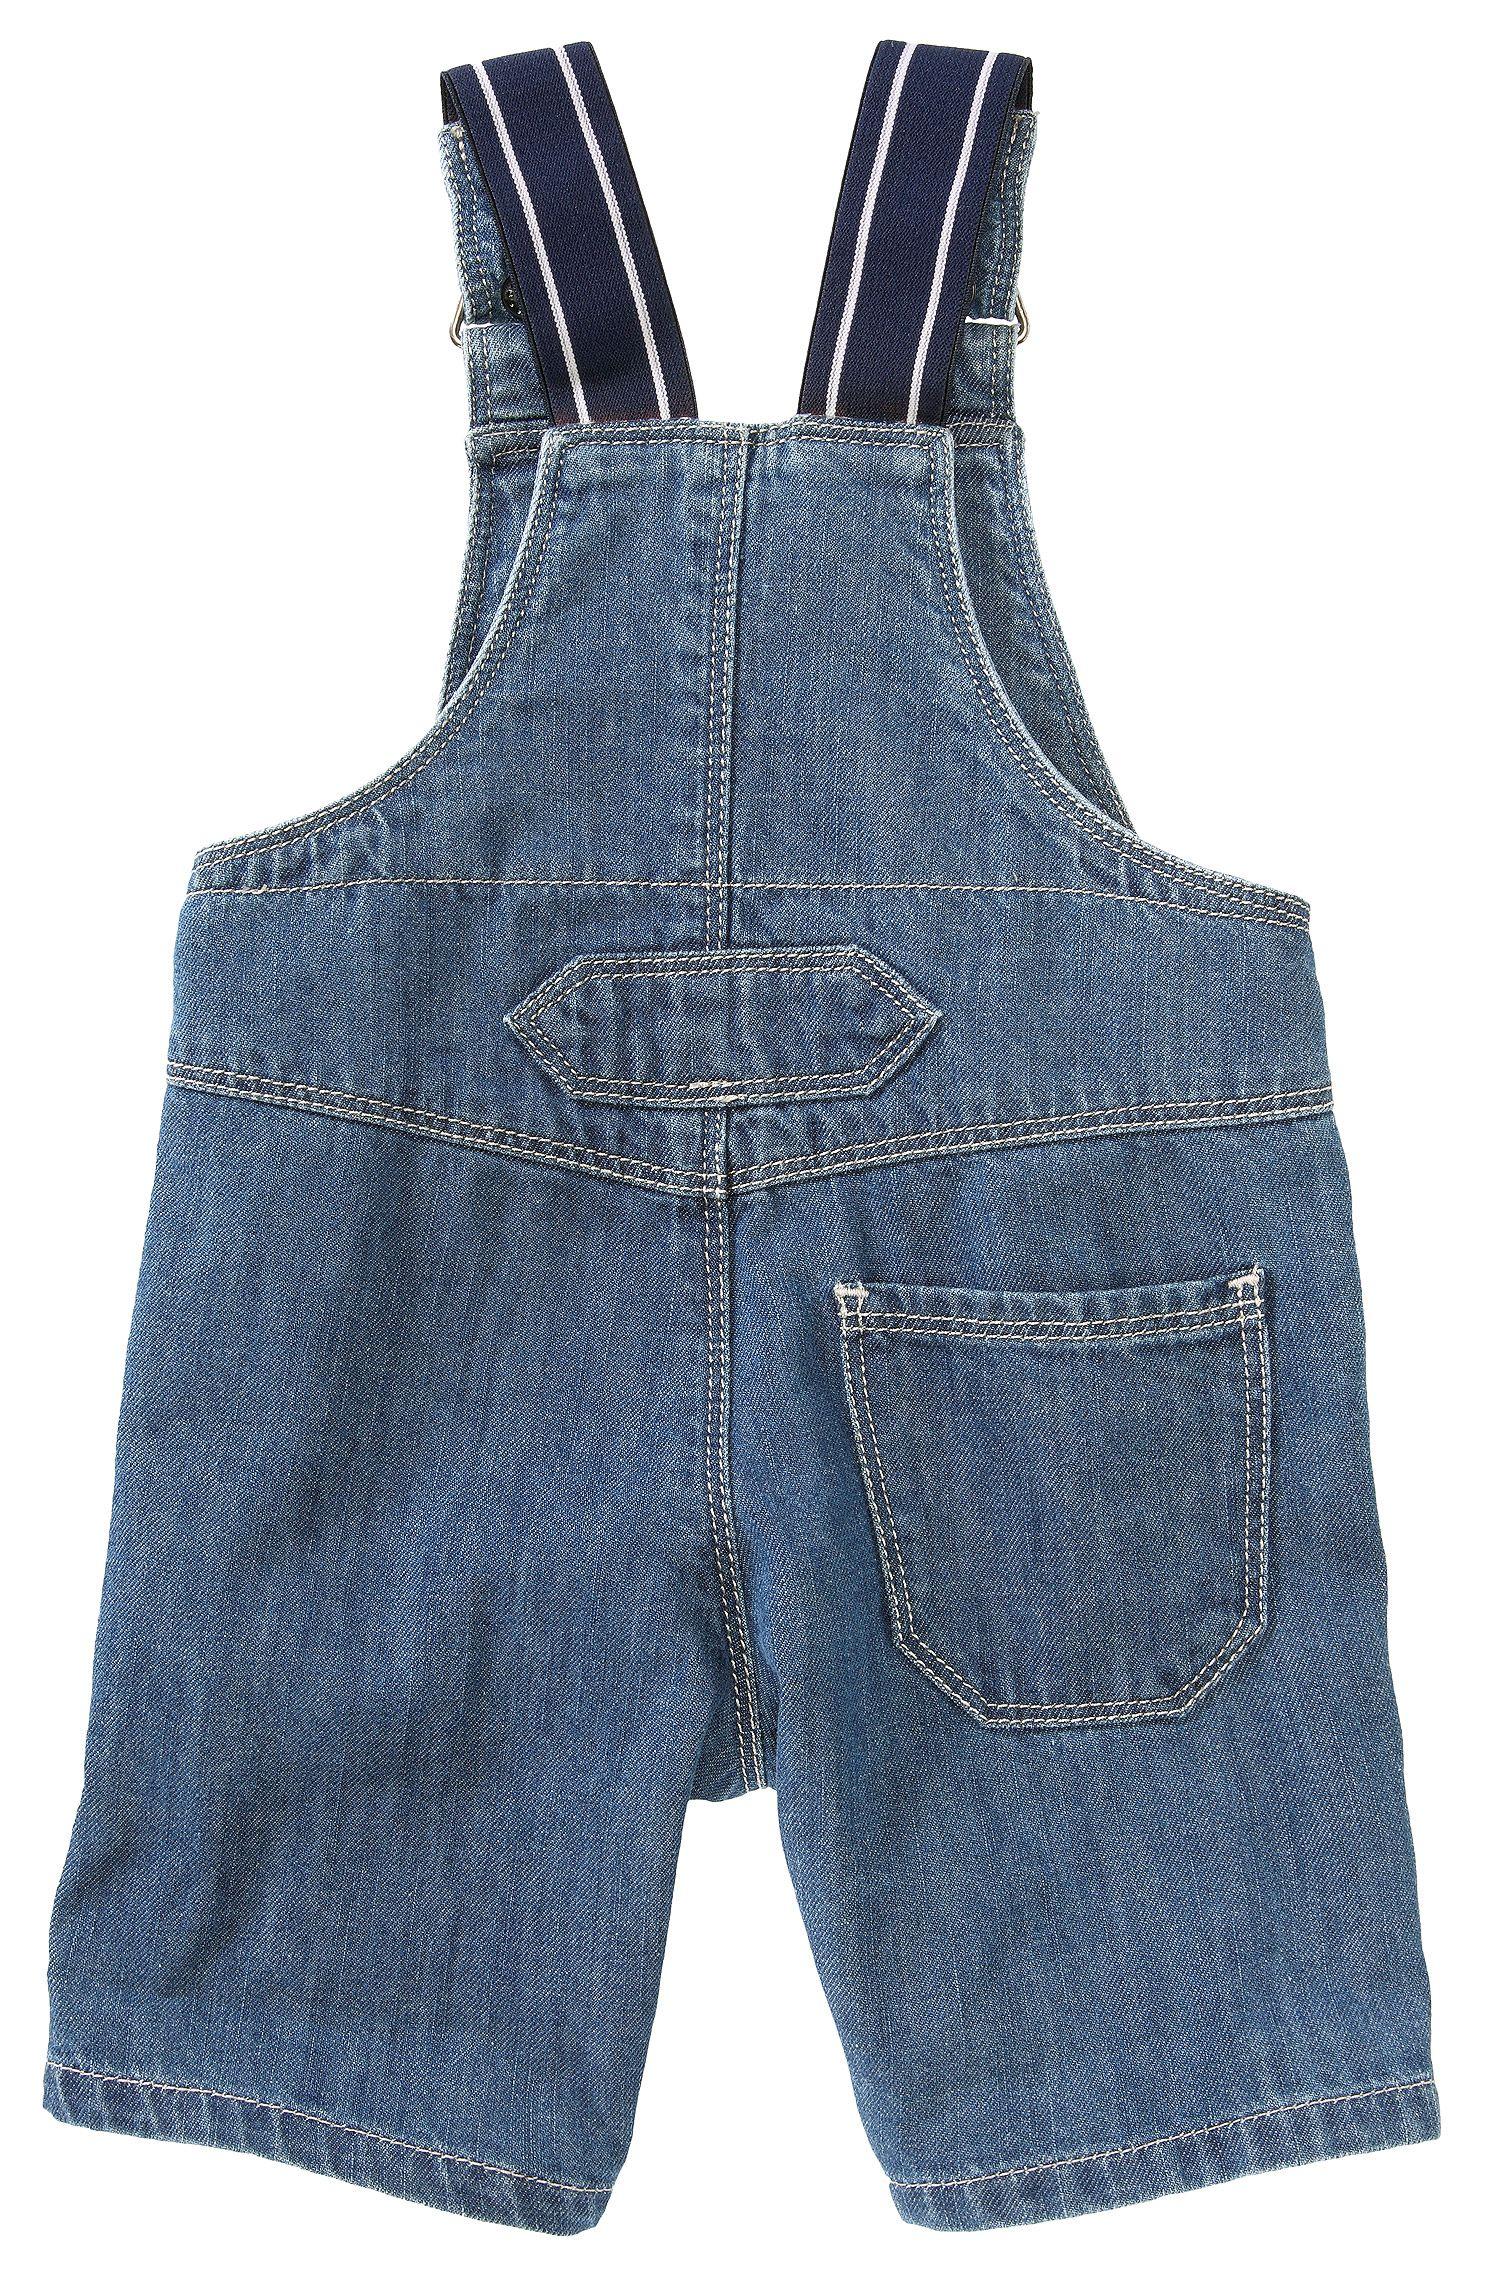 Salopette courte pour enfant «J94083» en coton